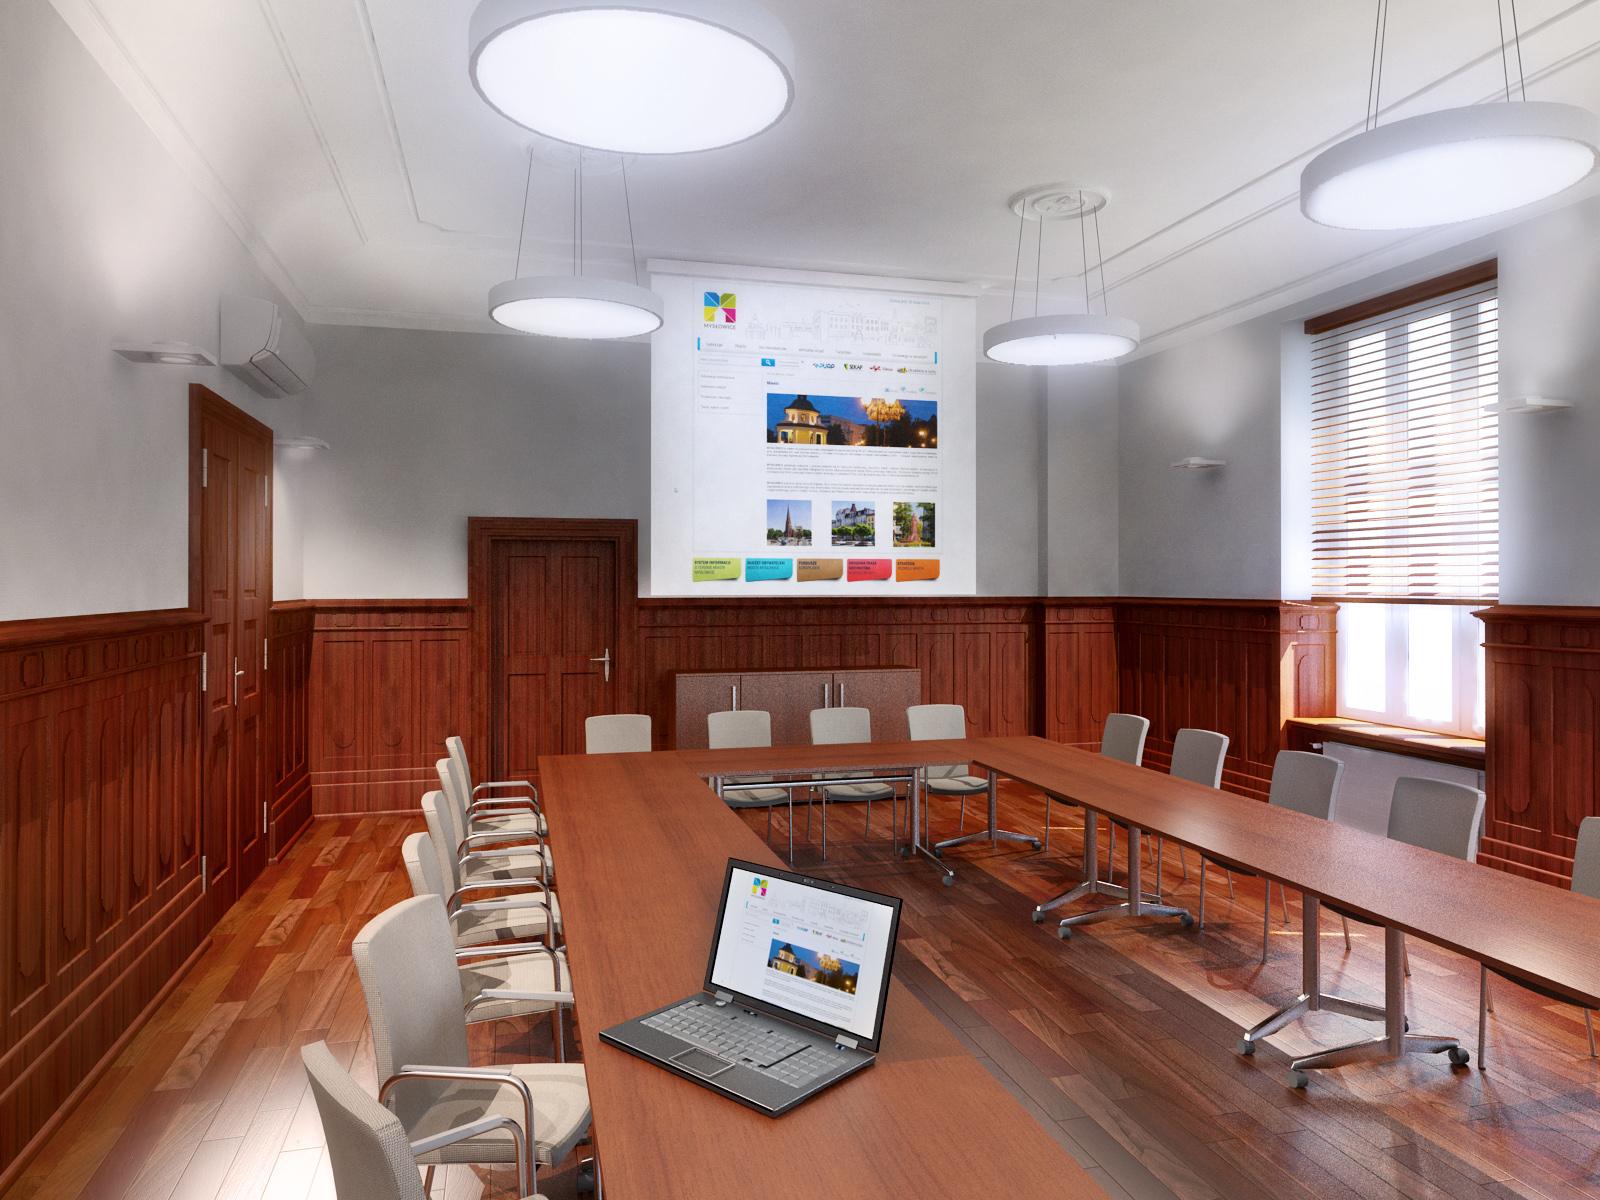 Severyn Projekt - Remont sali konferencyjnej w budynku urzędu miasta Mysłowice.